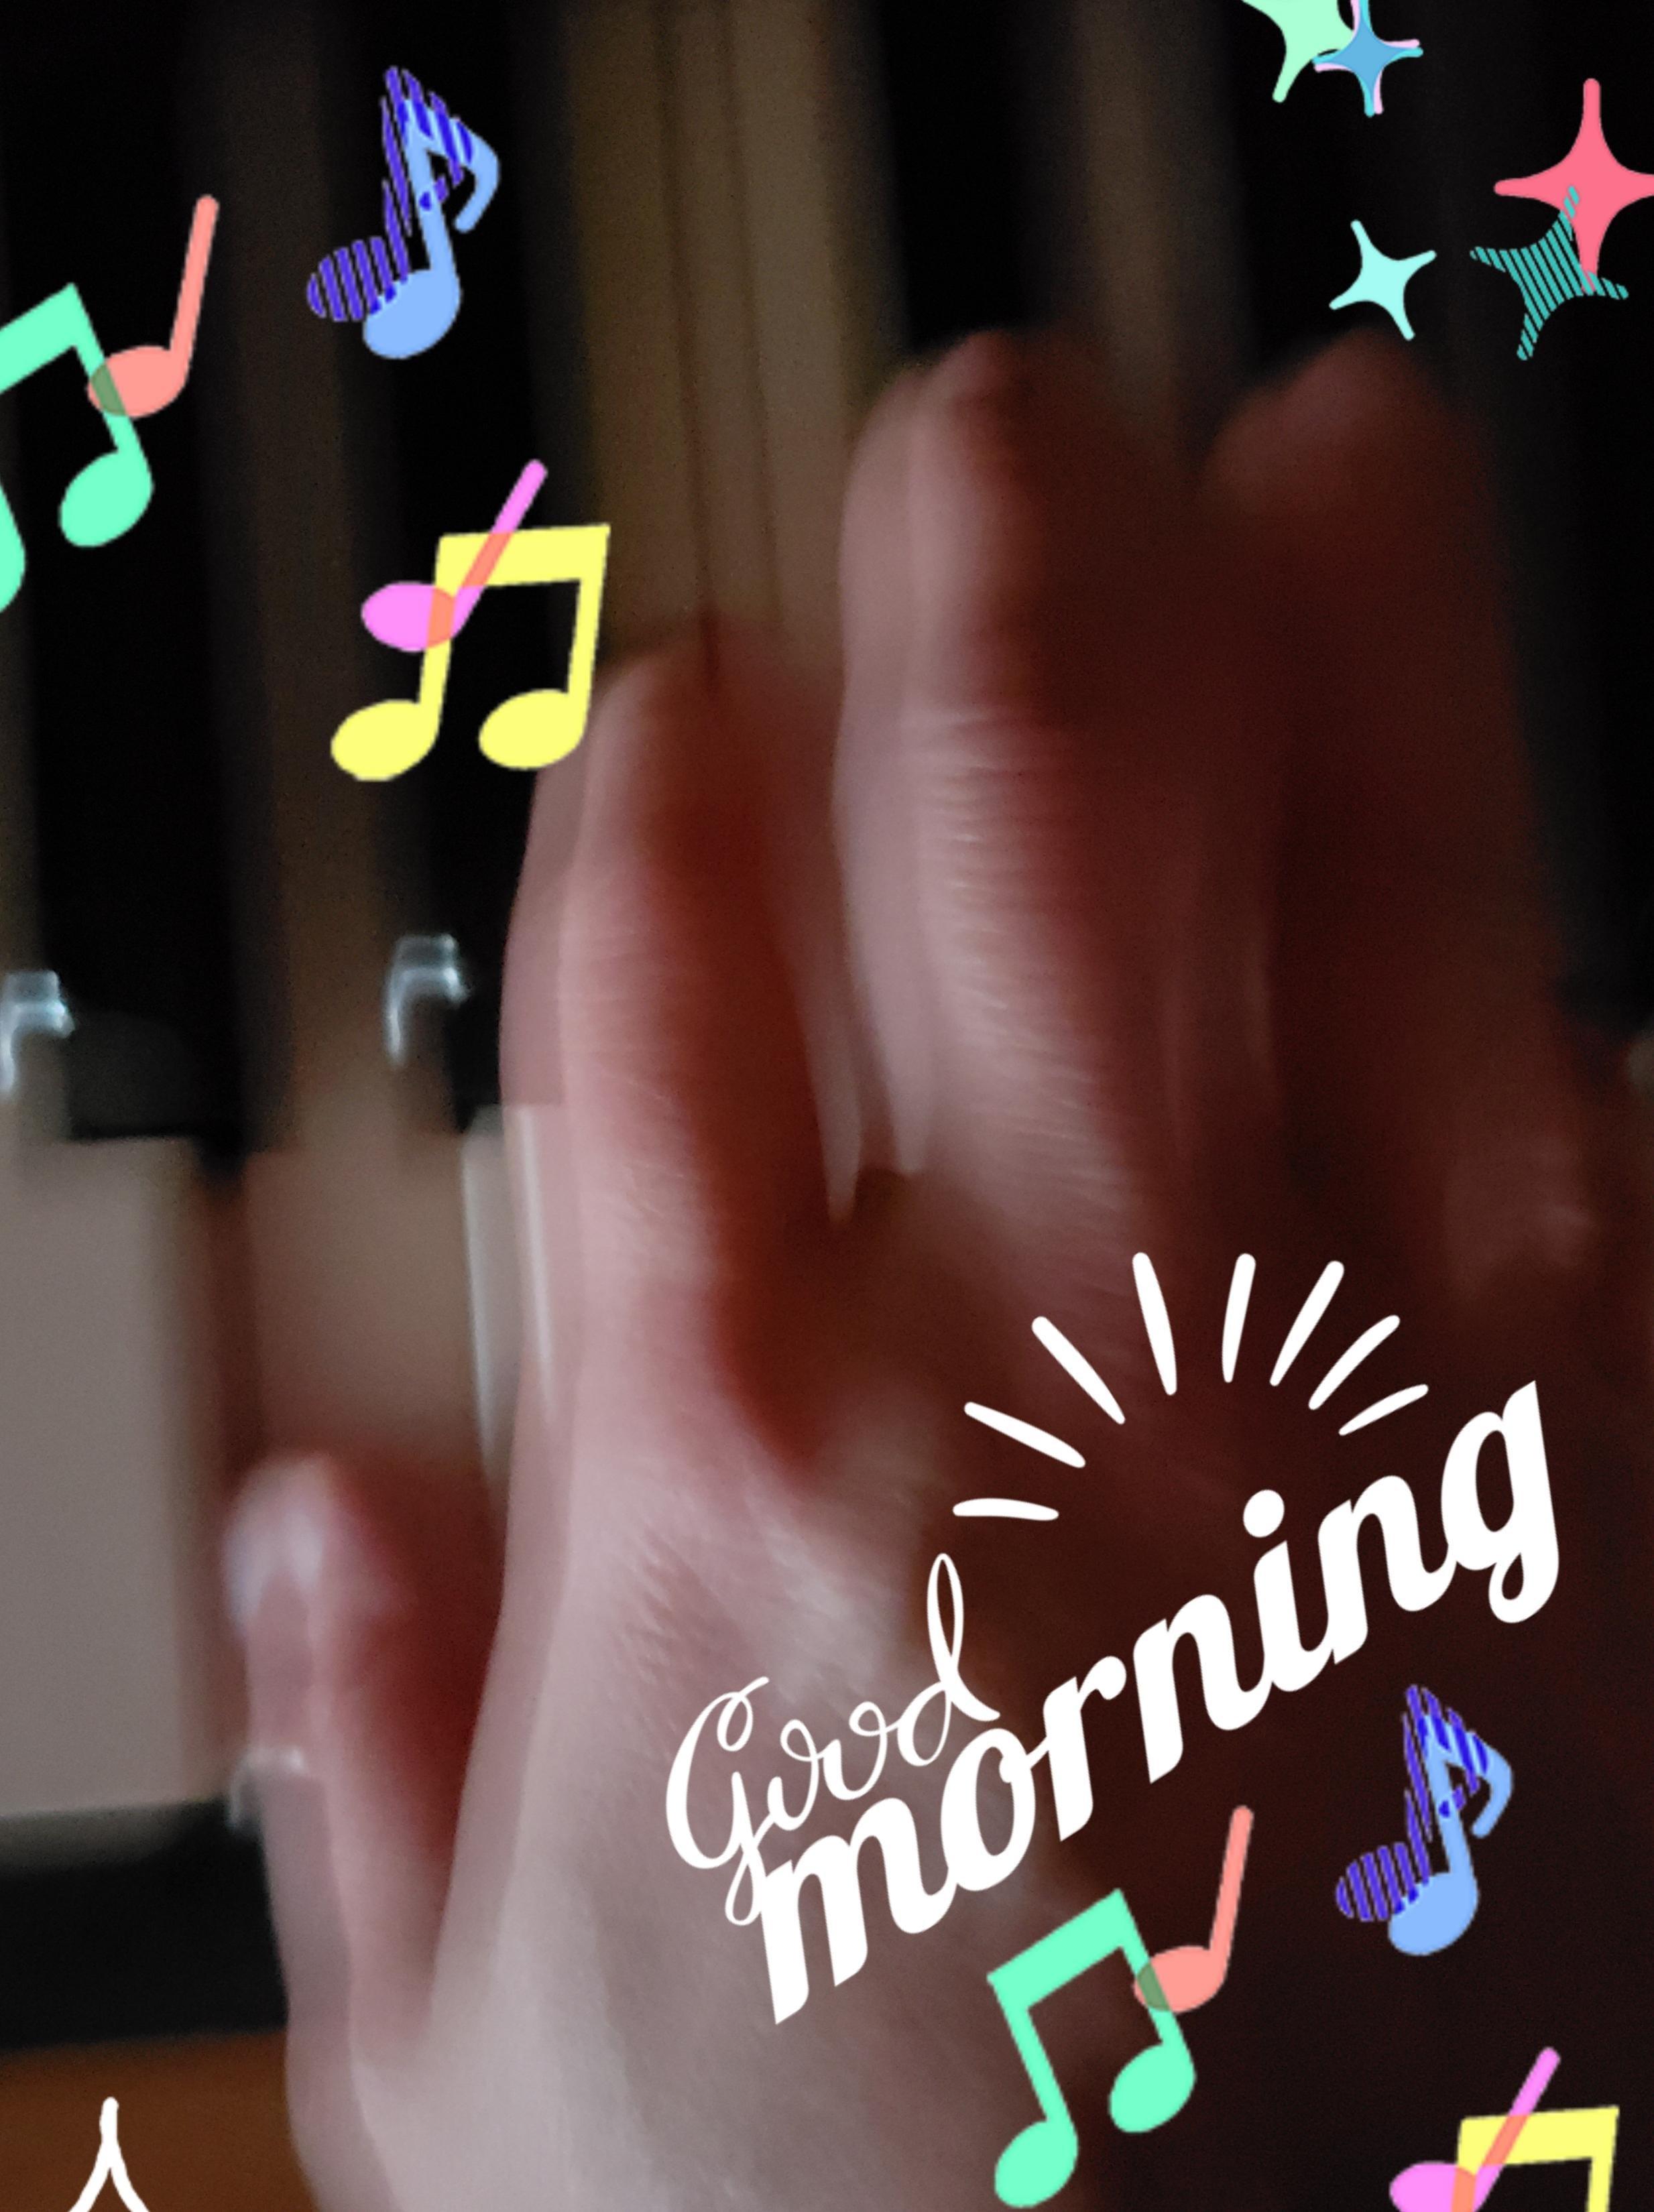 みつ「ご予約ありがとうございます(^_-)」12/16(日) 11:17 | みつの写メ・風俗動画